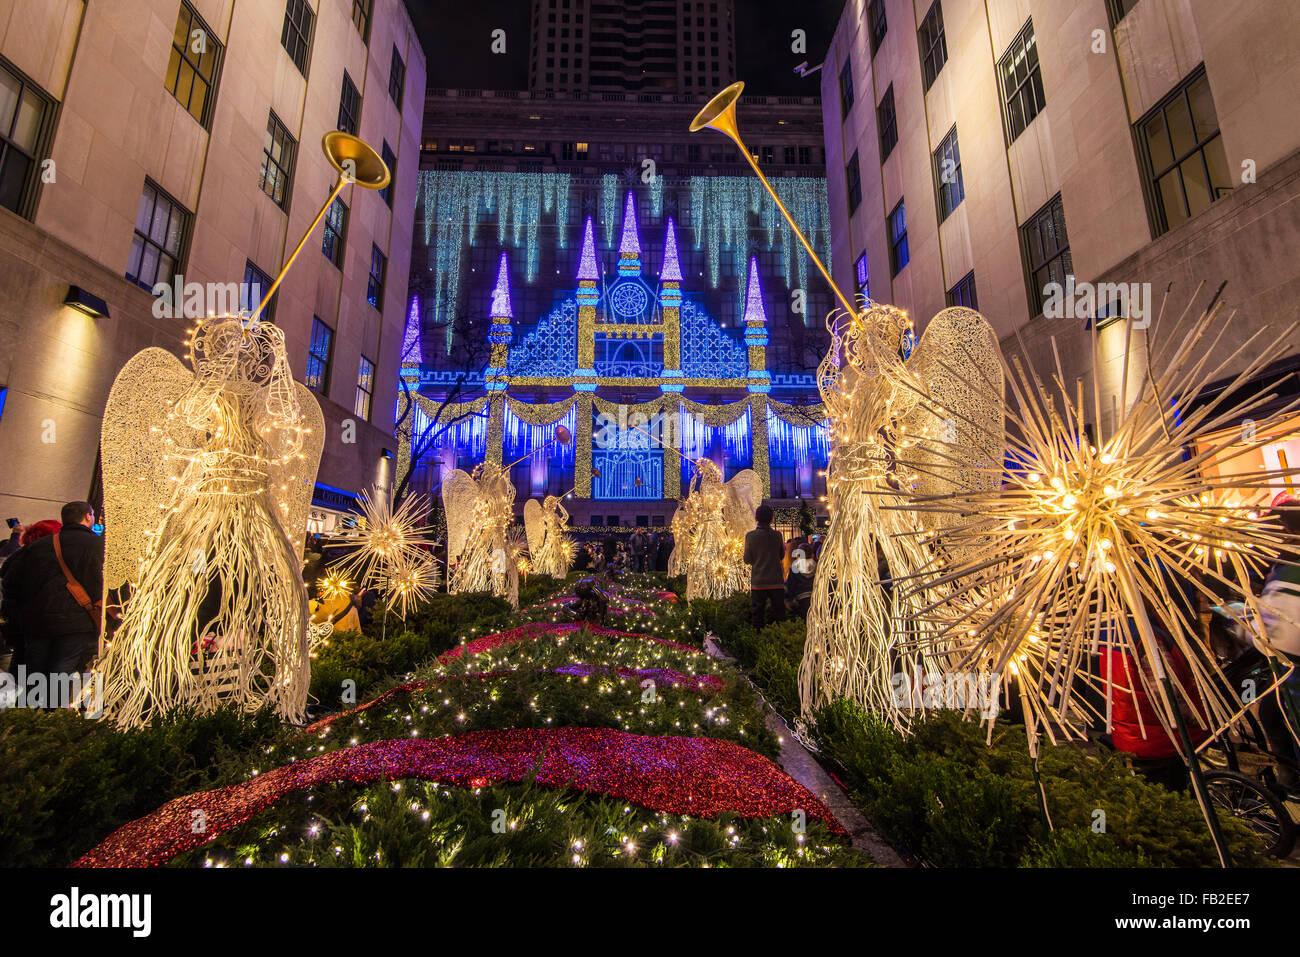 Gli angeli di Natale al Rockefeller Center Channel giardini con Saks department store Natale spettacolo di luci Immagini Stock